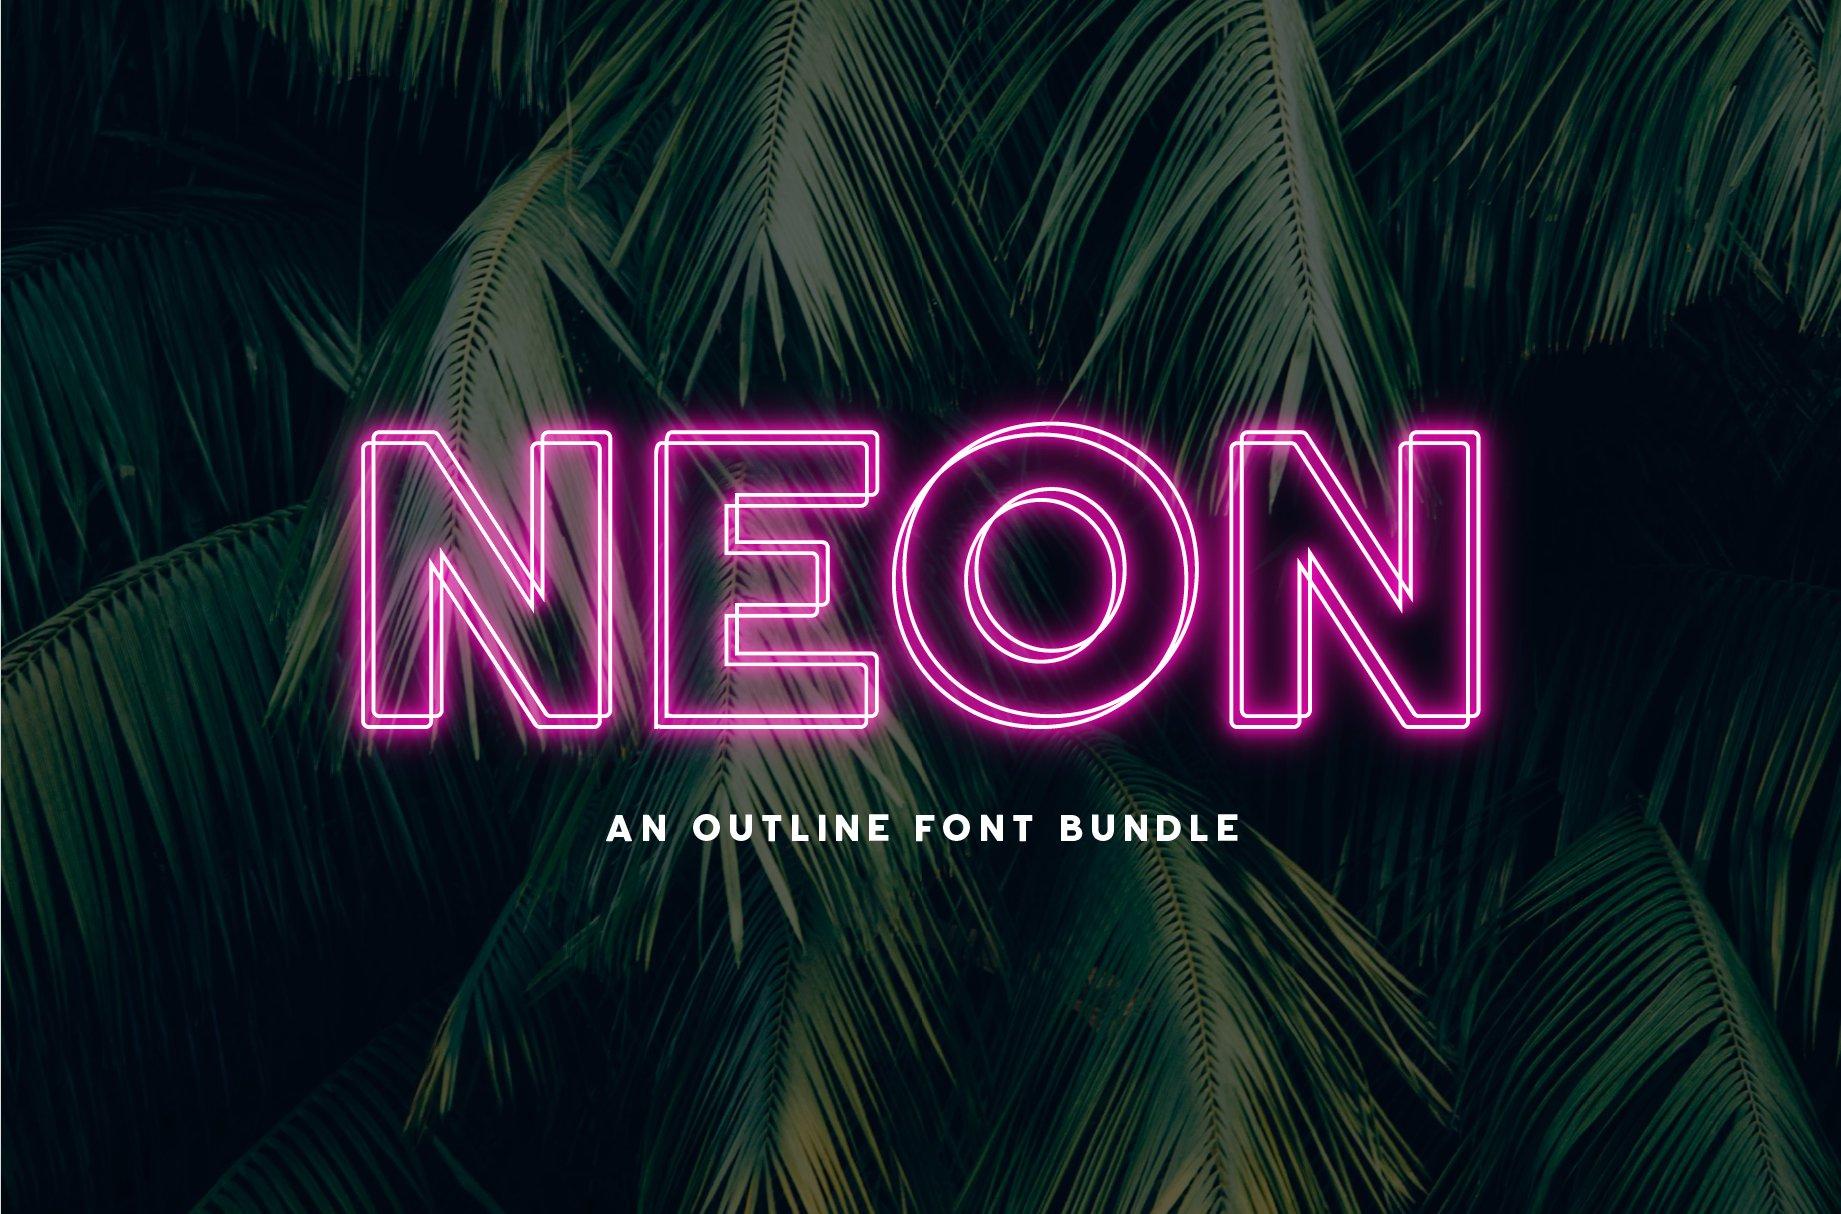 Neon-Outline-Font-Bundle-www.mockuphill.com